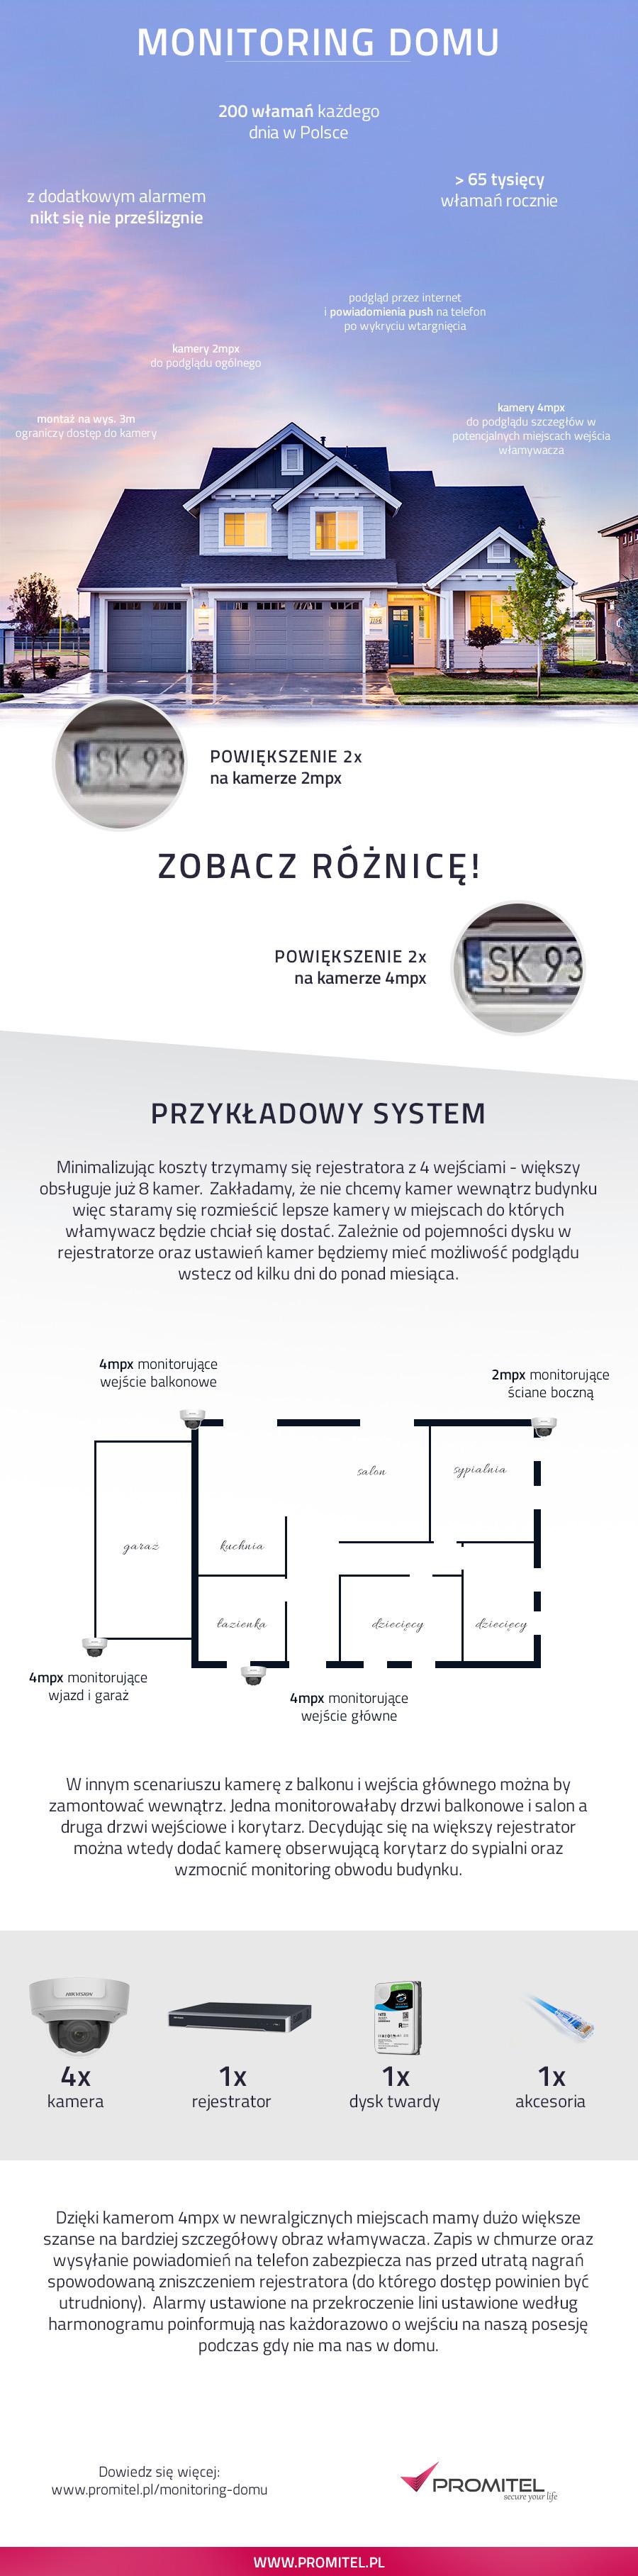 Monitoring do domu - infografika